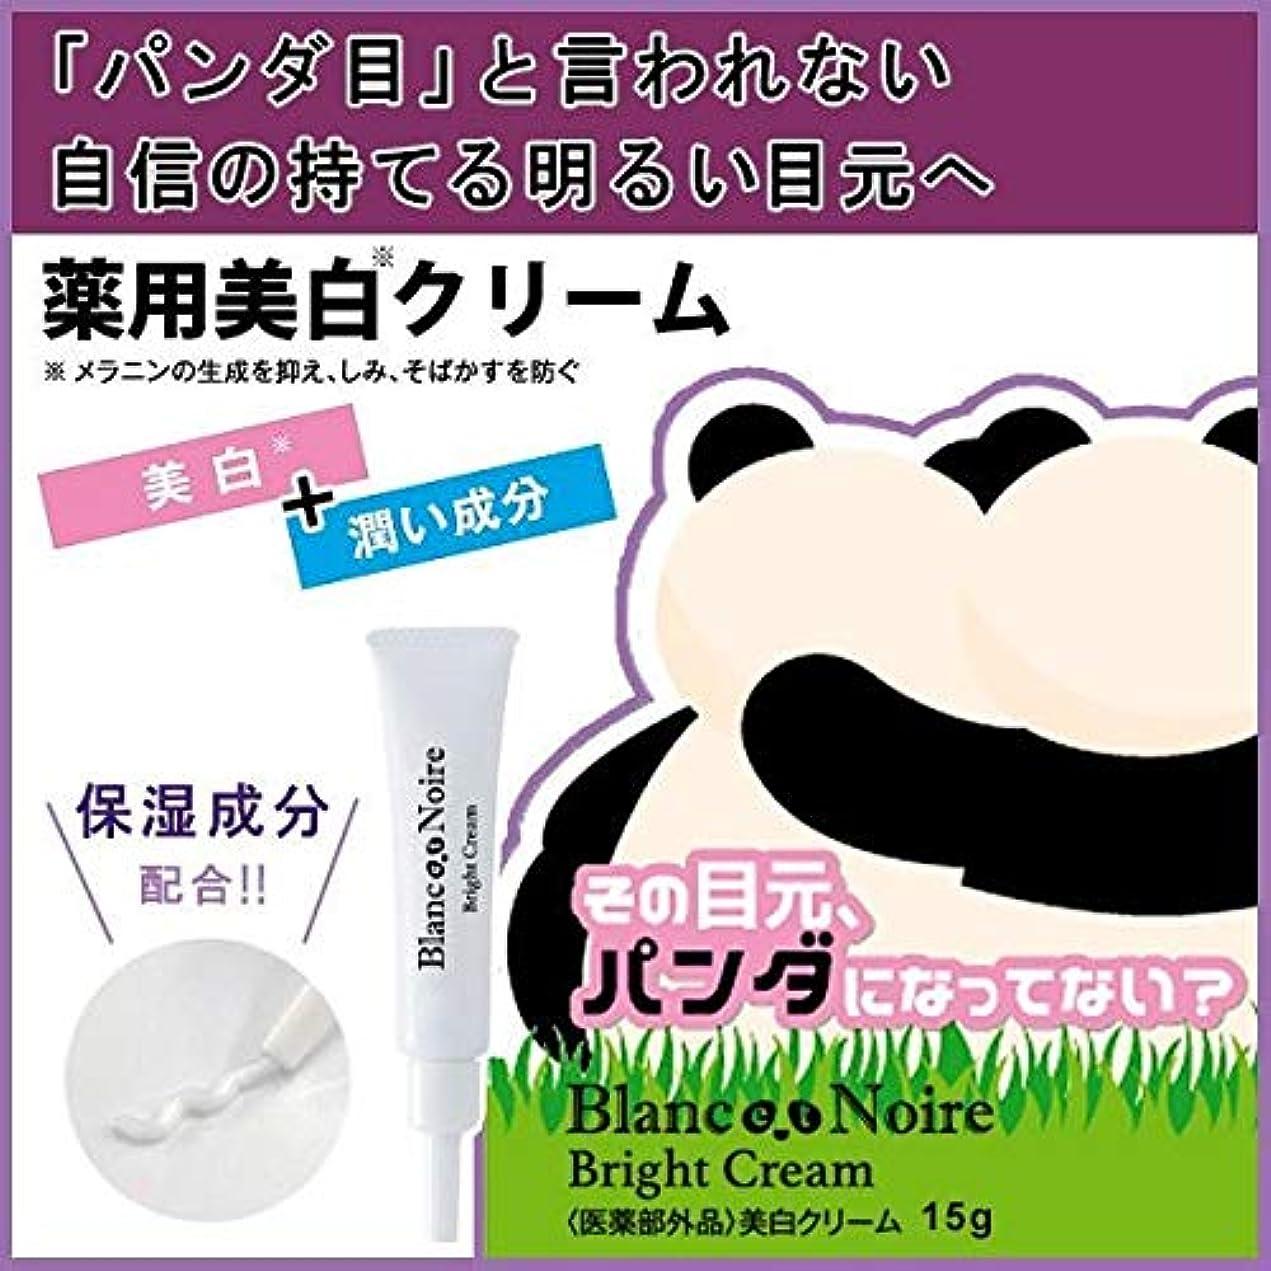 露カスタム資産Blanc et Noire(ブラン エ ノアール) Bright Cream(ブライトクリーム) 美白クリーム 医薬部外品 15g